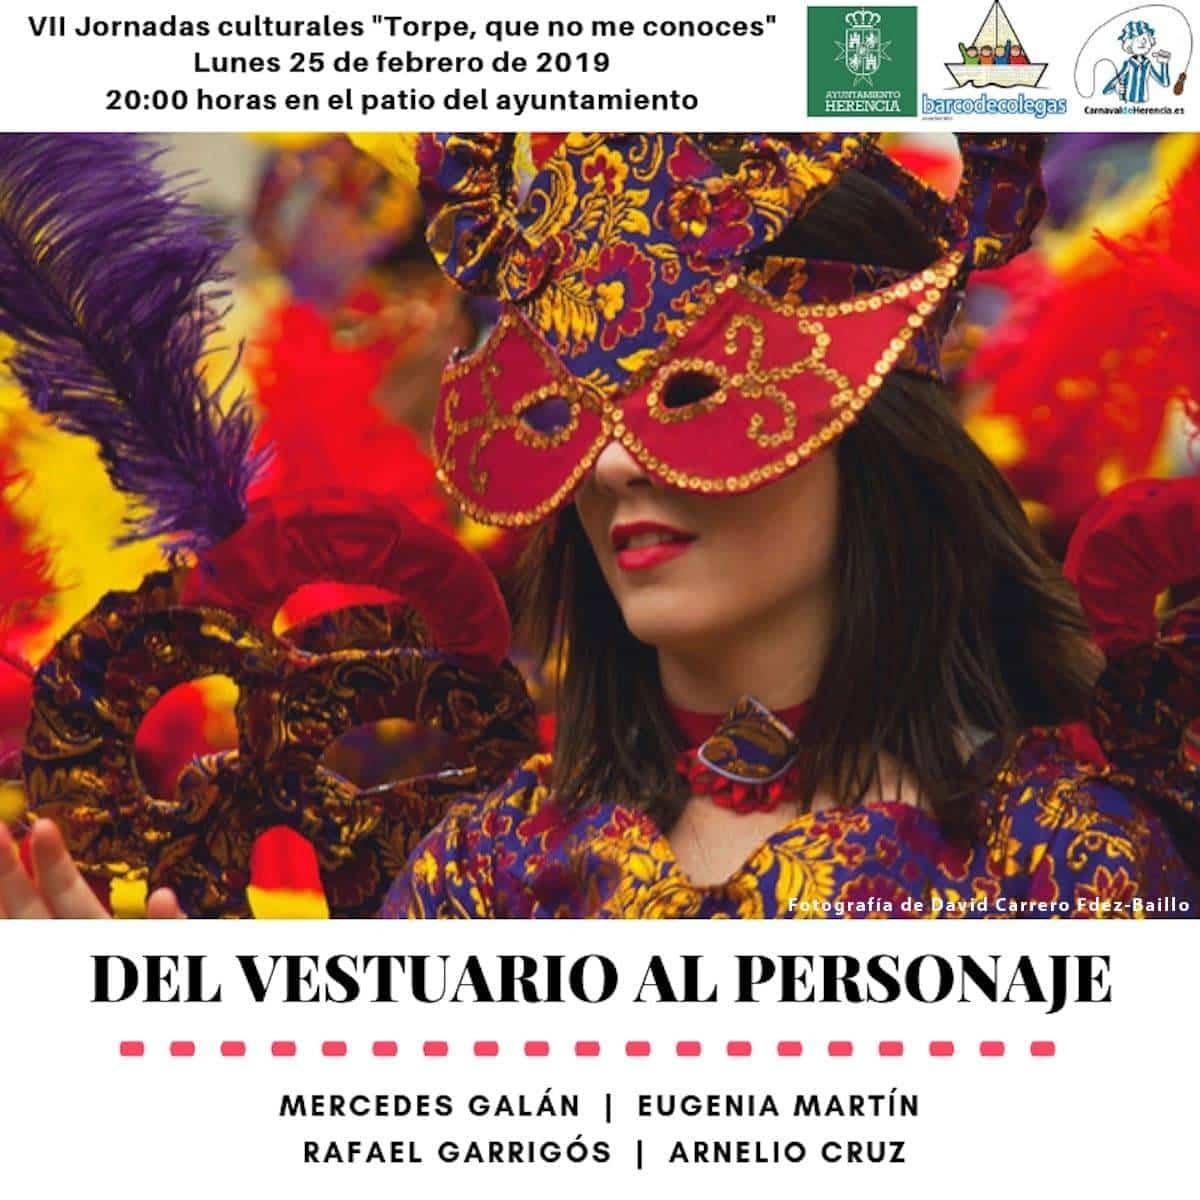 """del vestuario al personaje carnaval de herencia - """"Del vestuario al personaje"""" en las Jornadas Culturales del Carnaval de Herencia"""